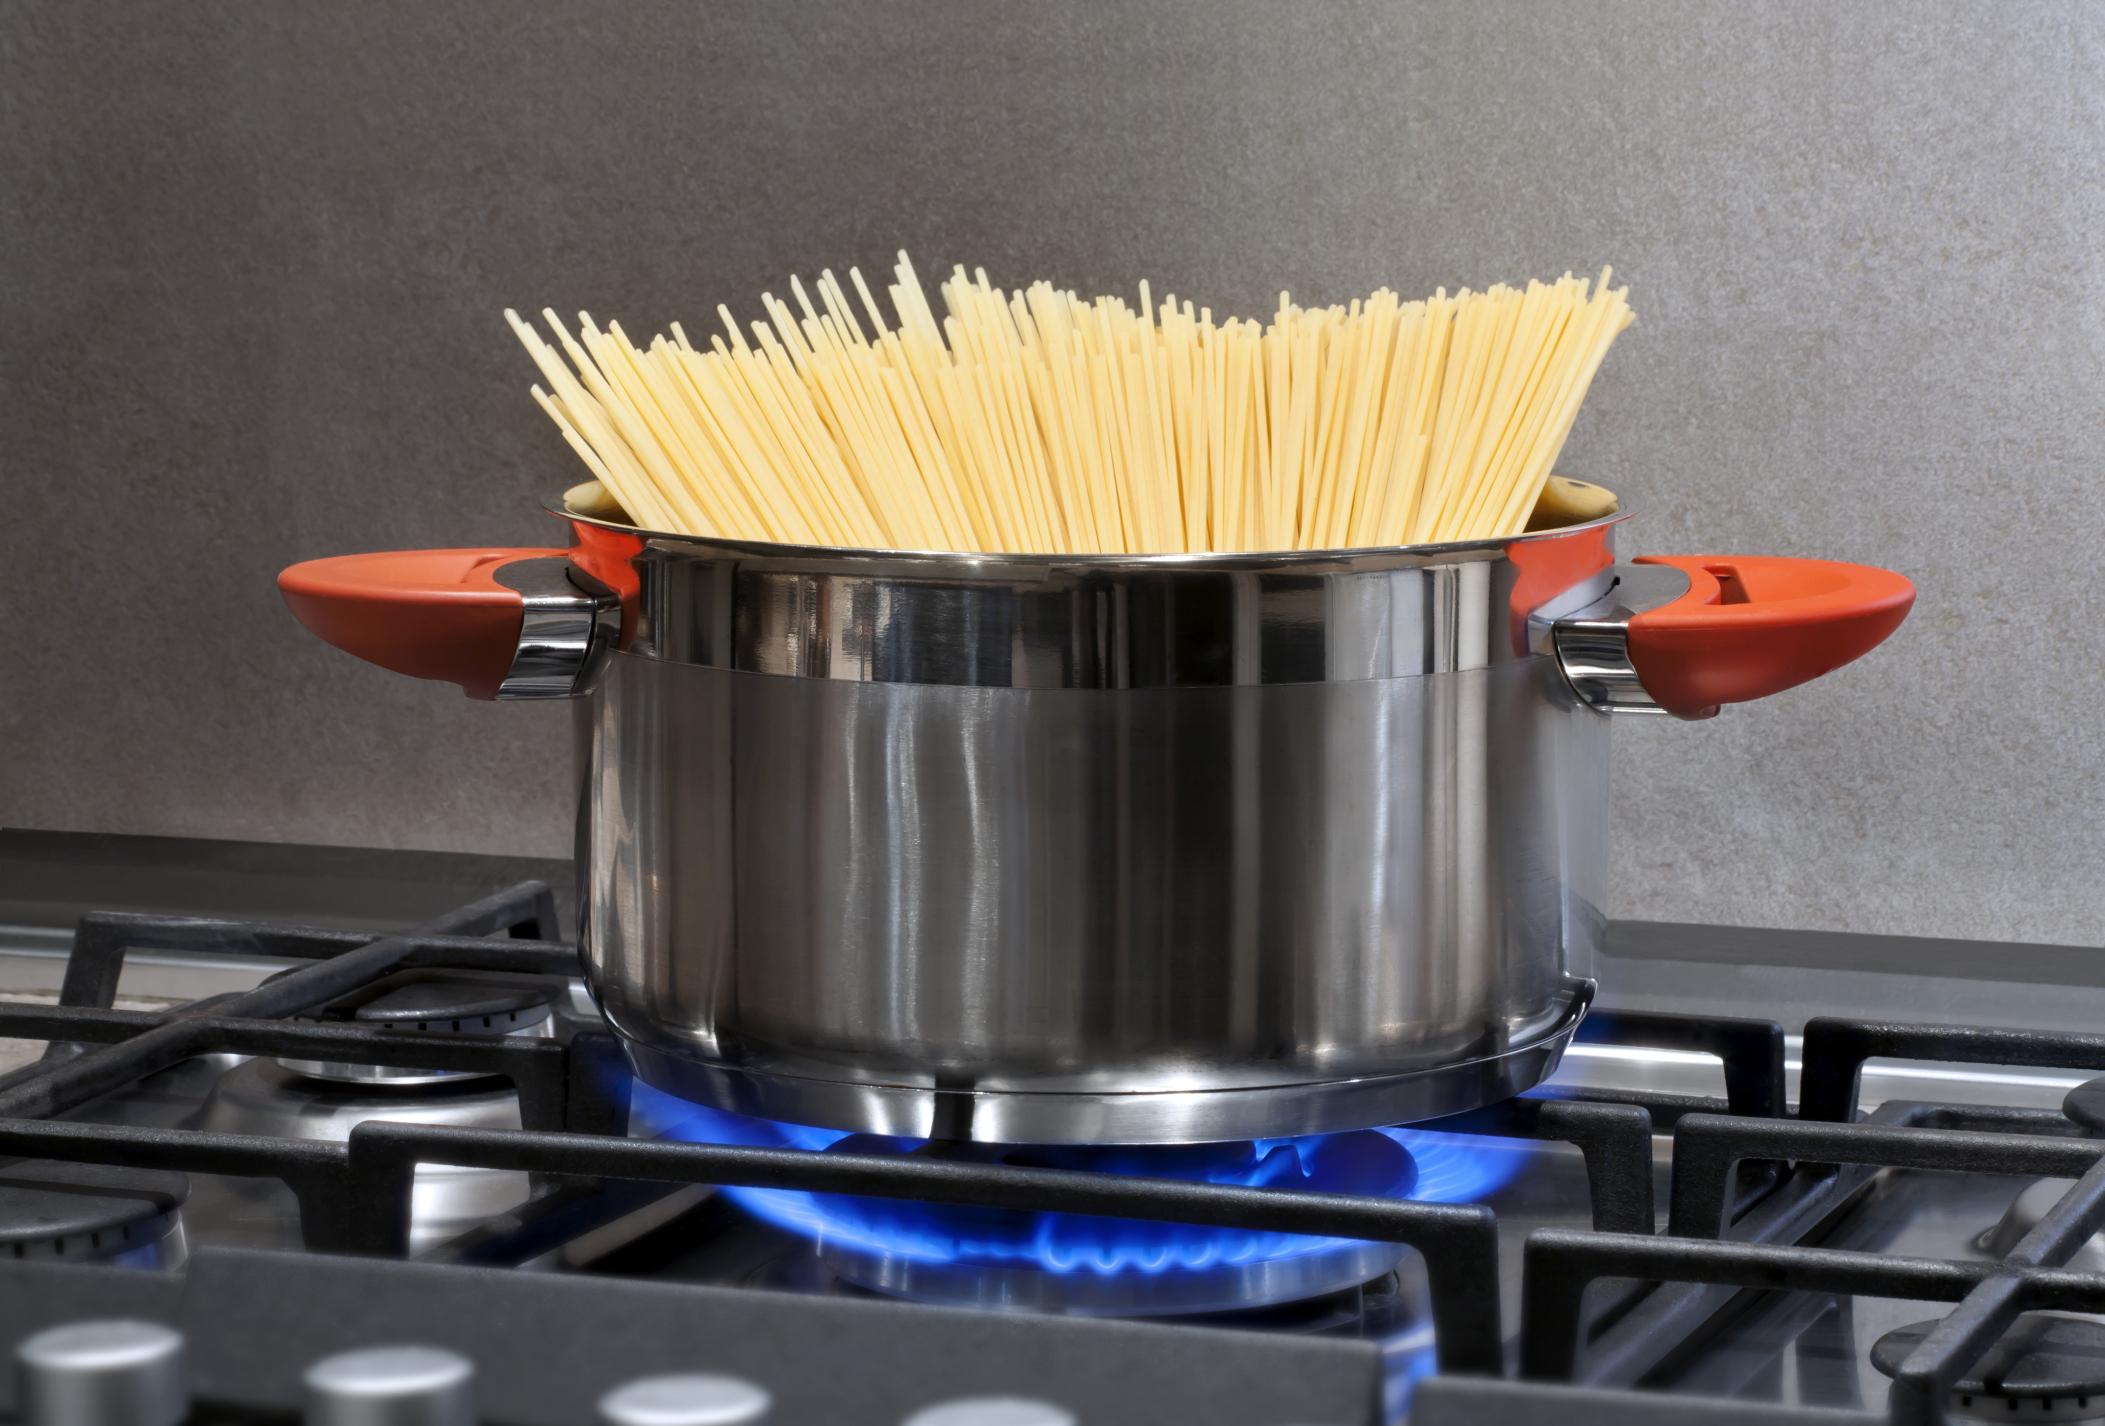 gli italiani non sanno cucinare la pasta | panbagnato - Come Cucinare Pasta